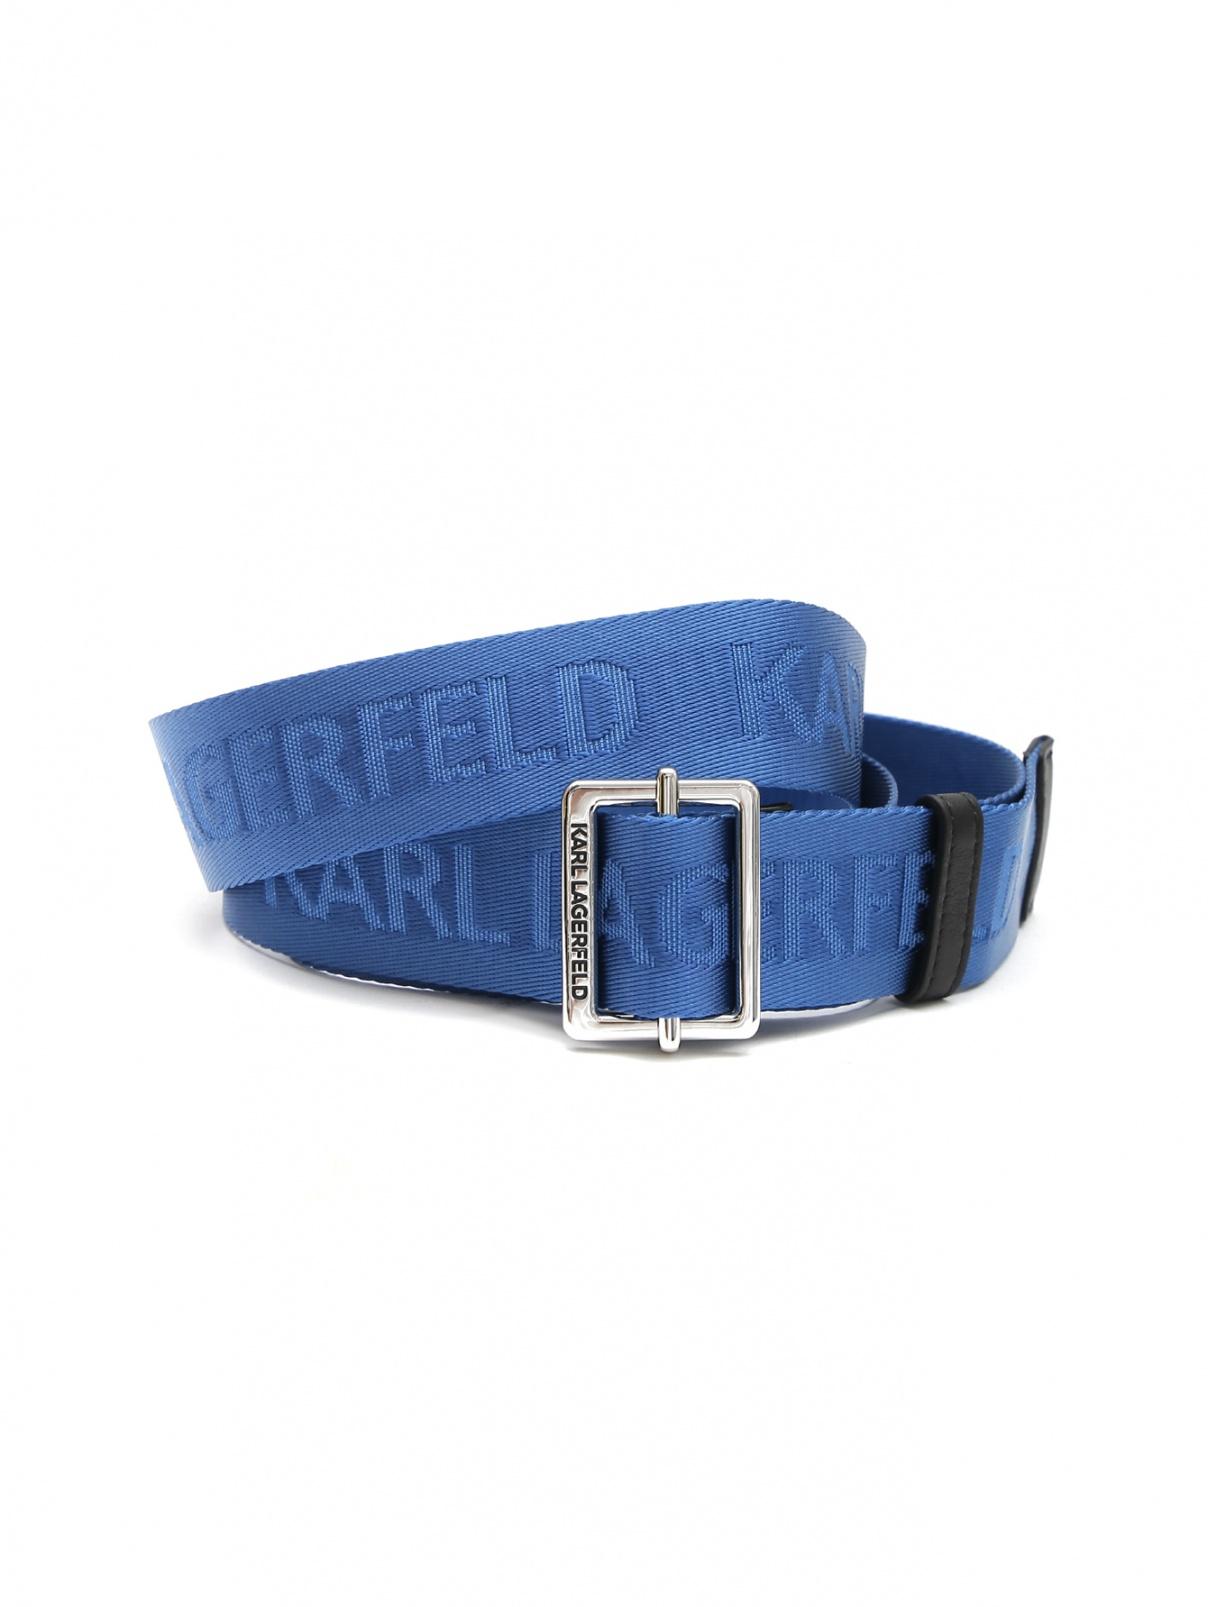 Ремень с логотипом Karl Lagerfeld  –  Общий вид  – Цвет:  Синий